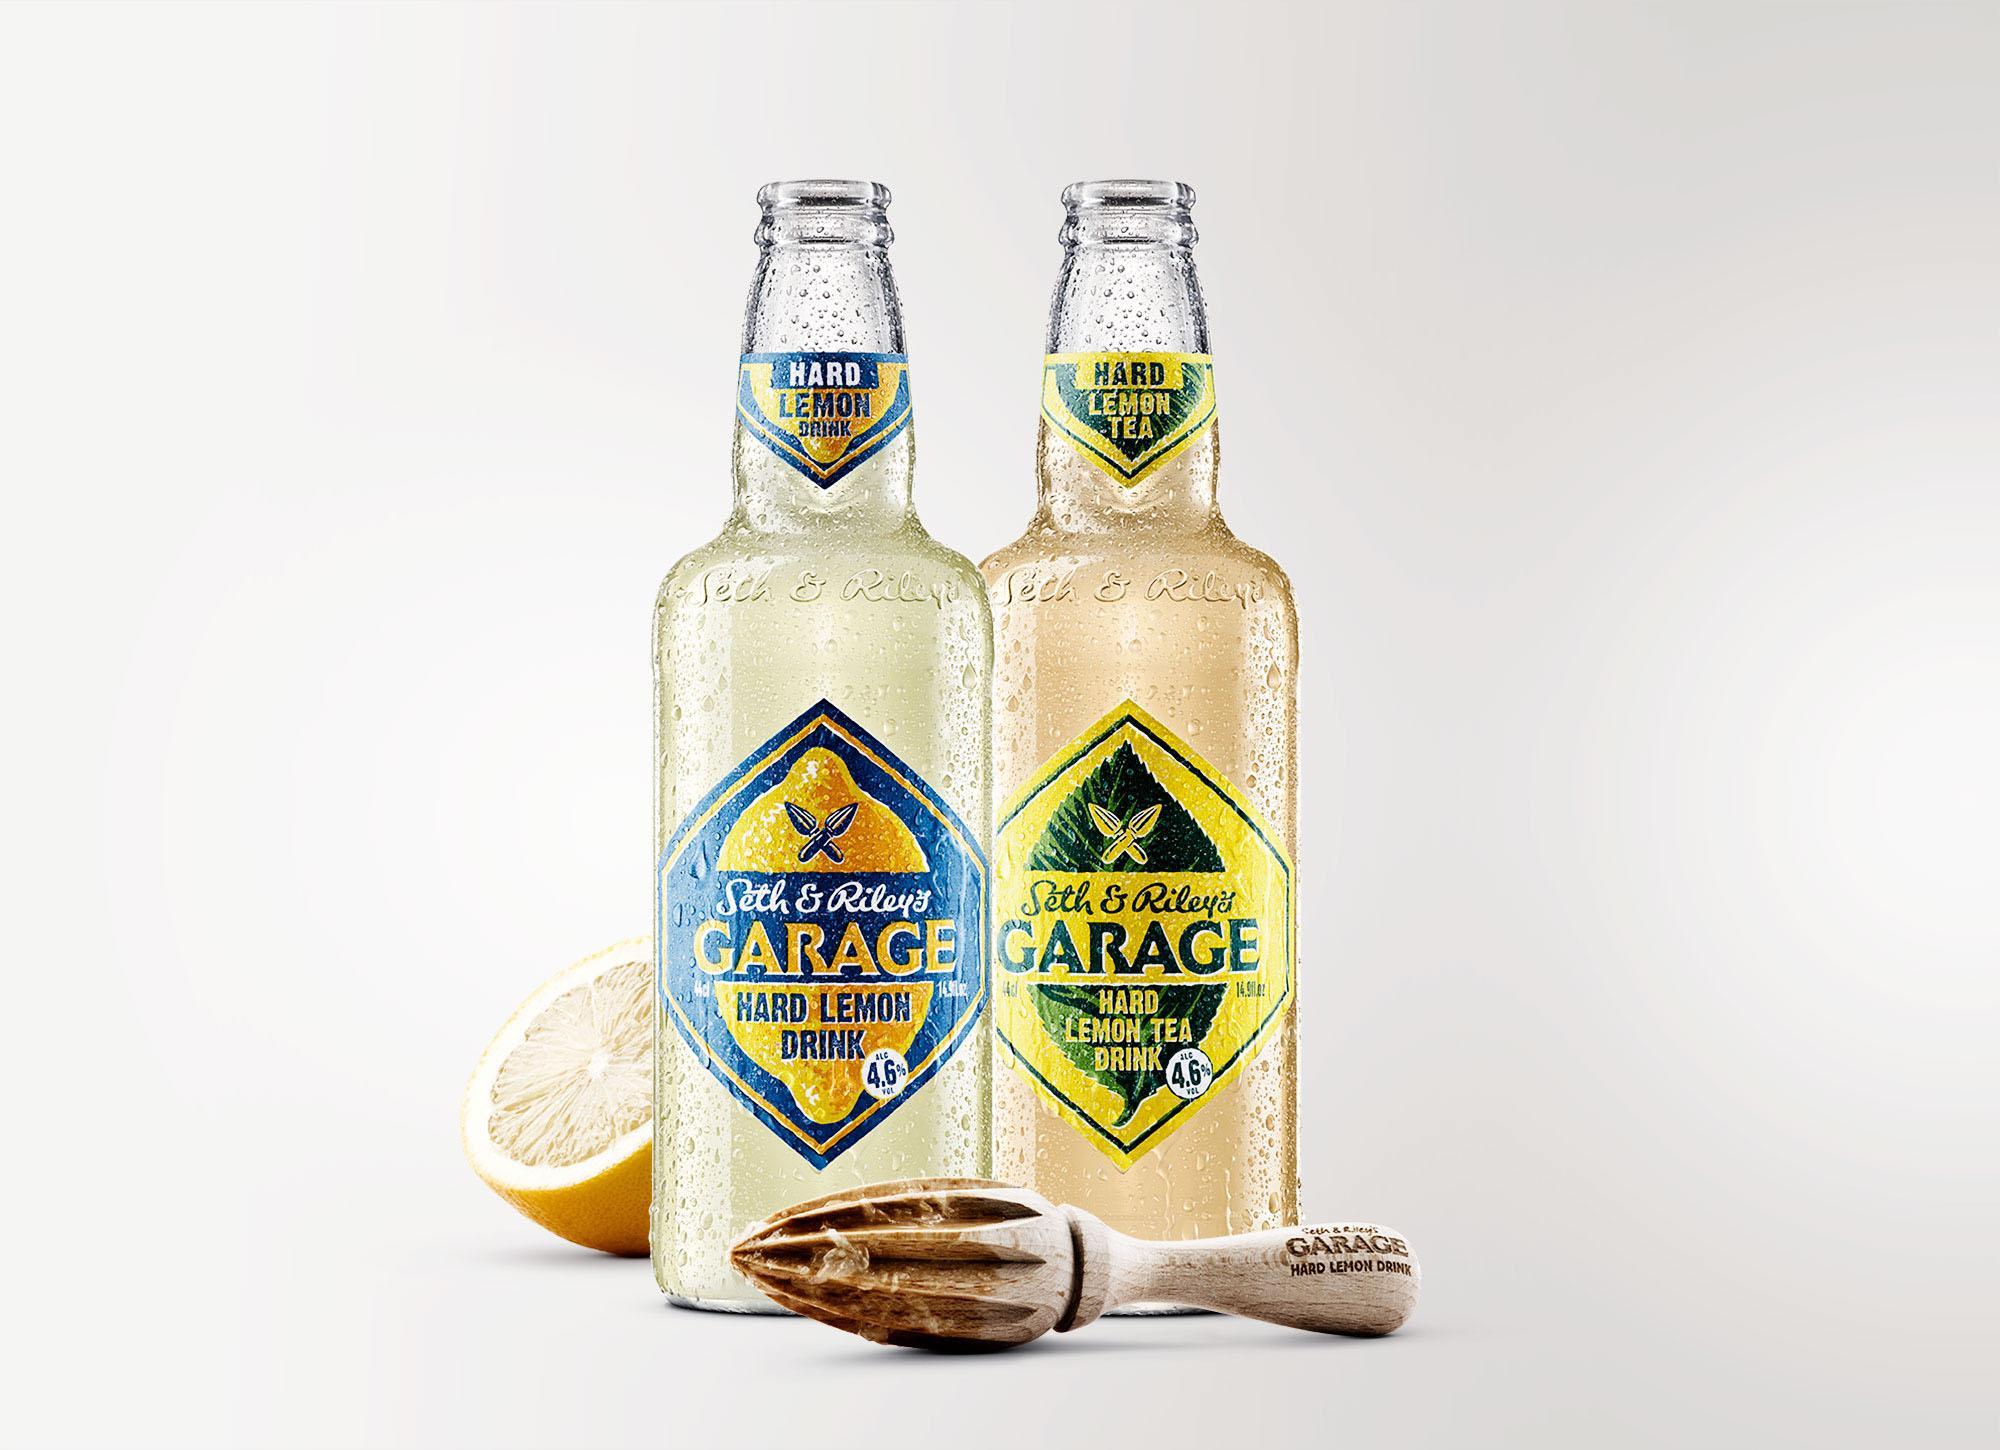 Напиток гараж можно пить в 14 лет